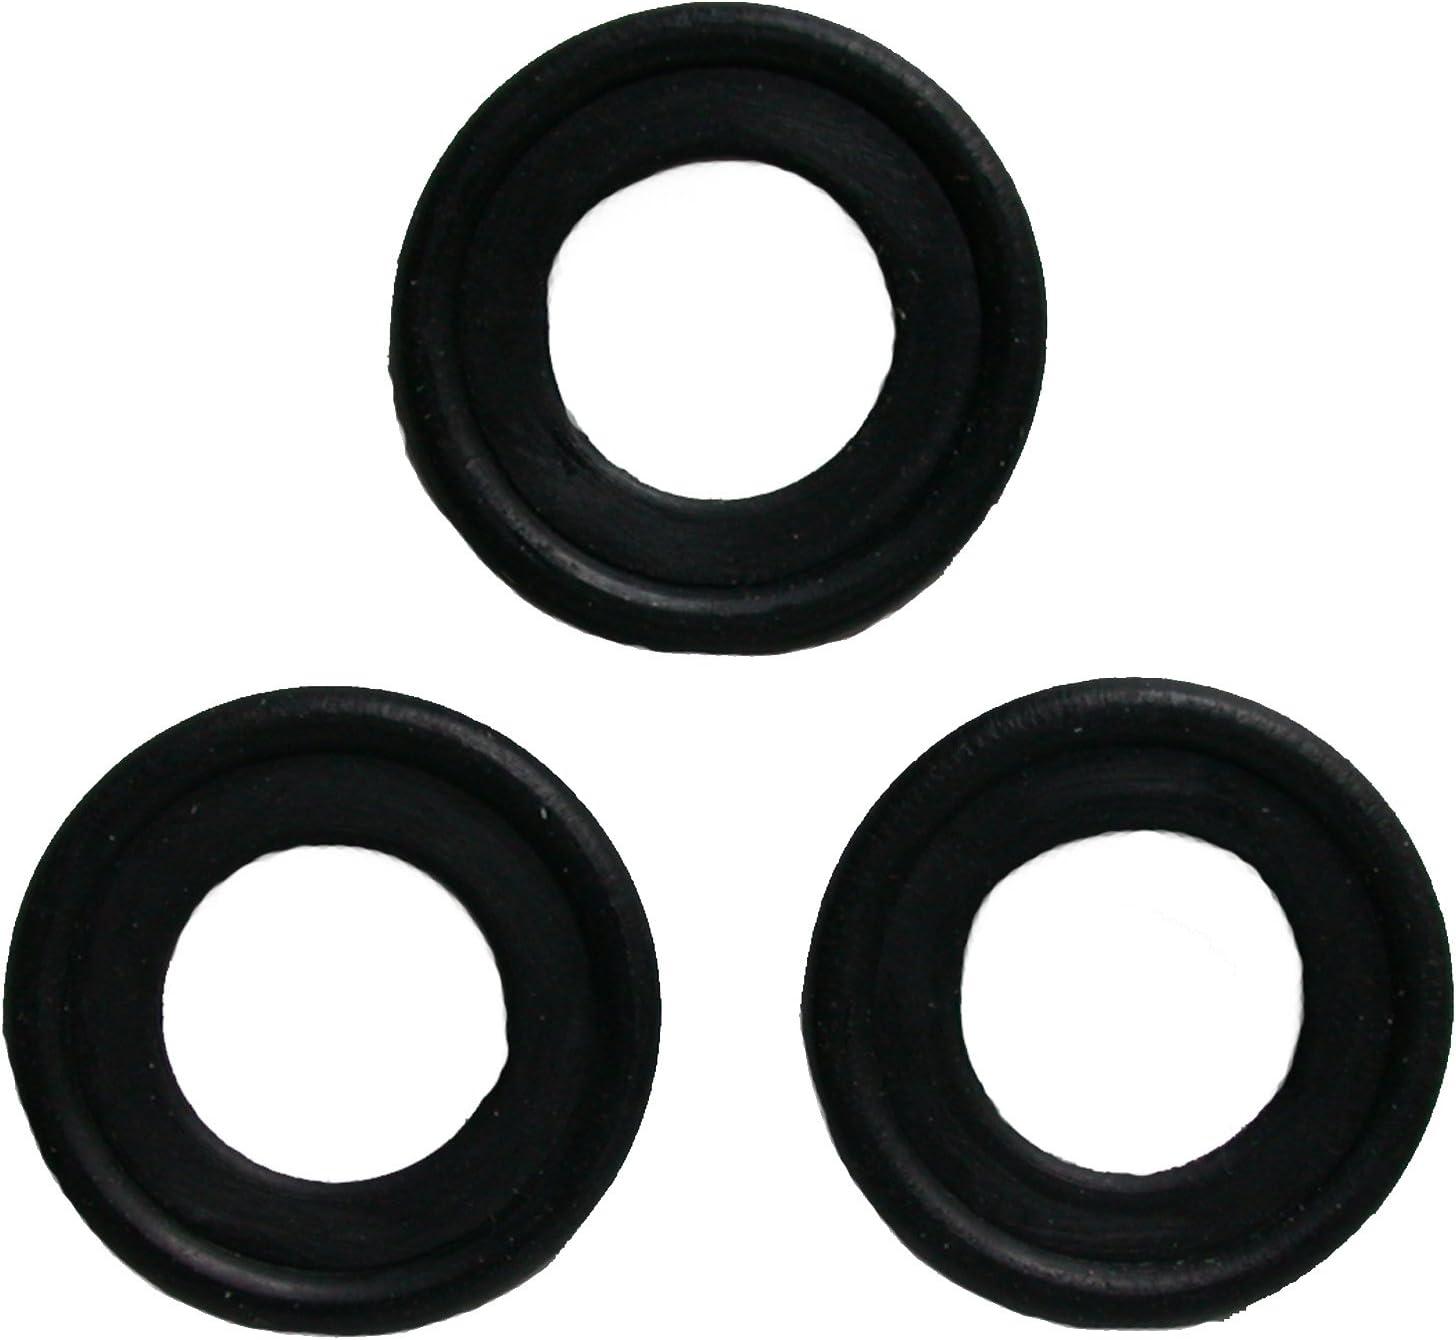 Needa Parts 672126 Pack of 5 M12-1.75 Oil Drain Plug,